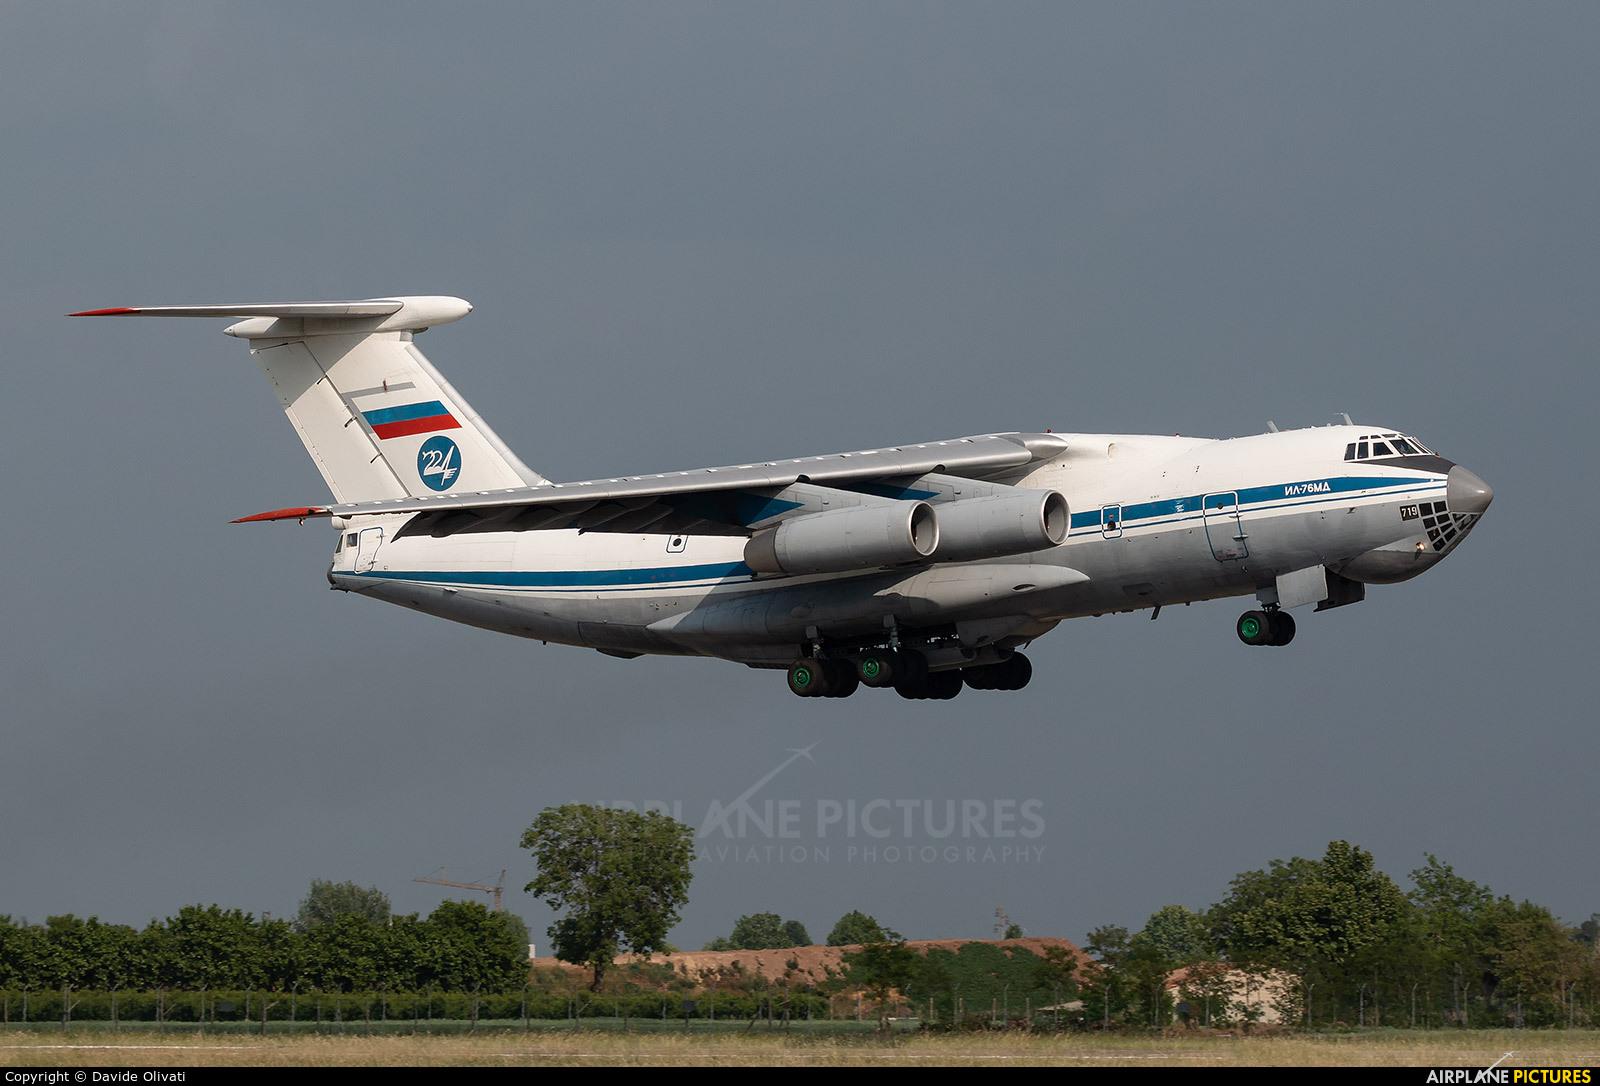 224 Flight Unit RA-76719 aircraft at Verona - Villafranca